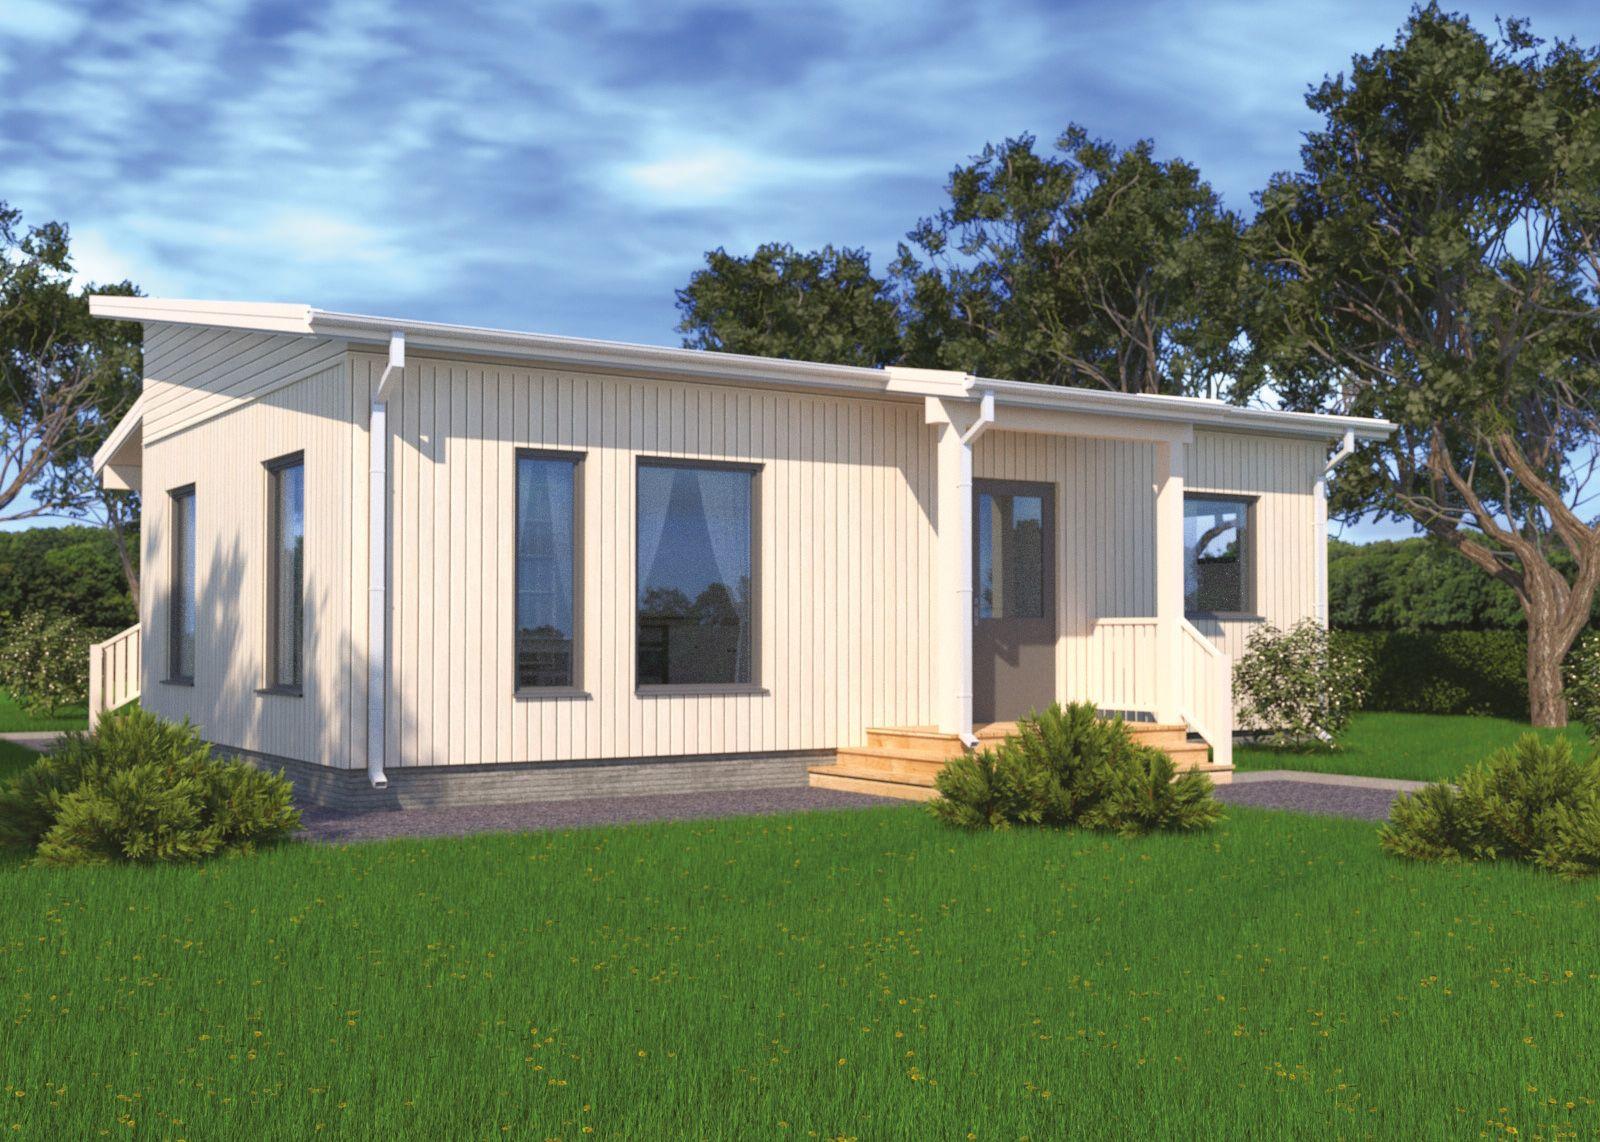 Fertighaus Und Bausatzhaus 448 Dave Classic Kaufen Holzhaus Bausatz Billige Hauser Bausatzhaus